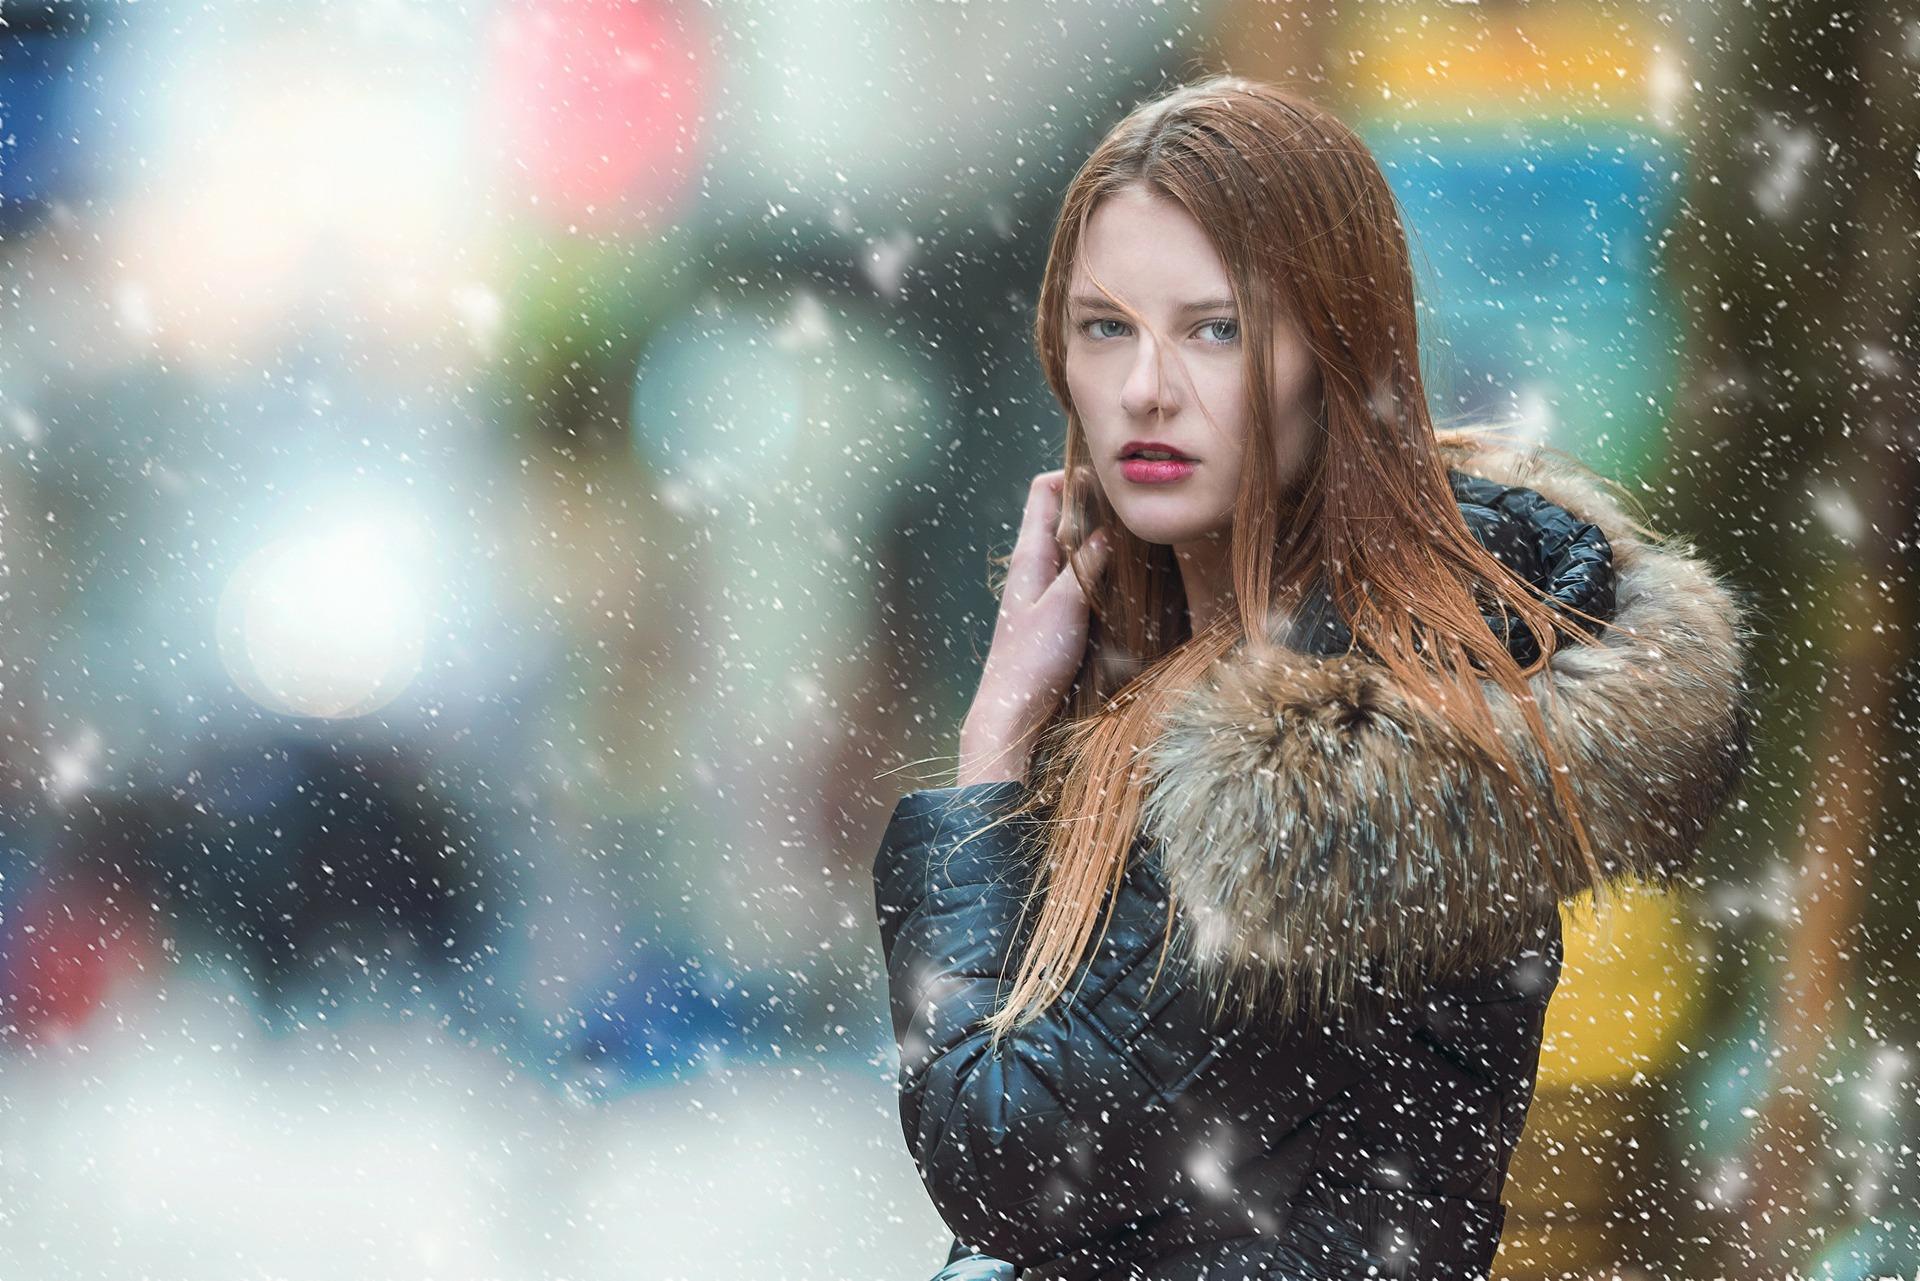 vinterkläder